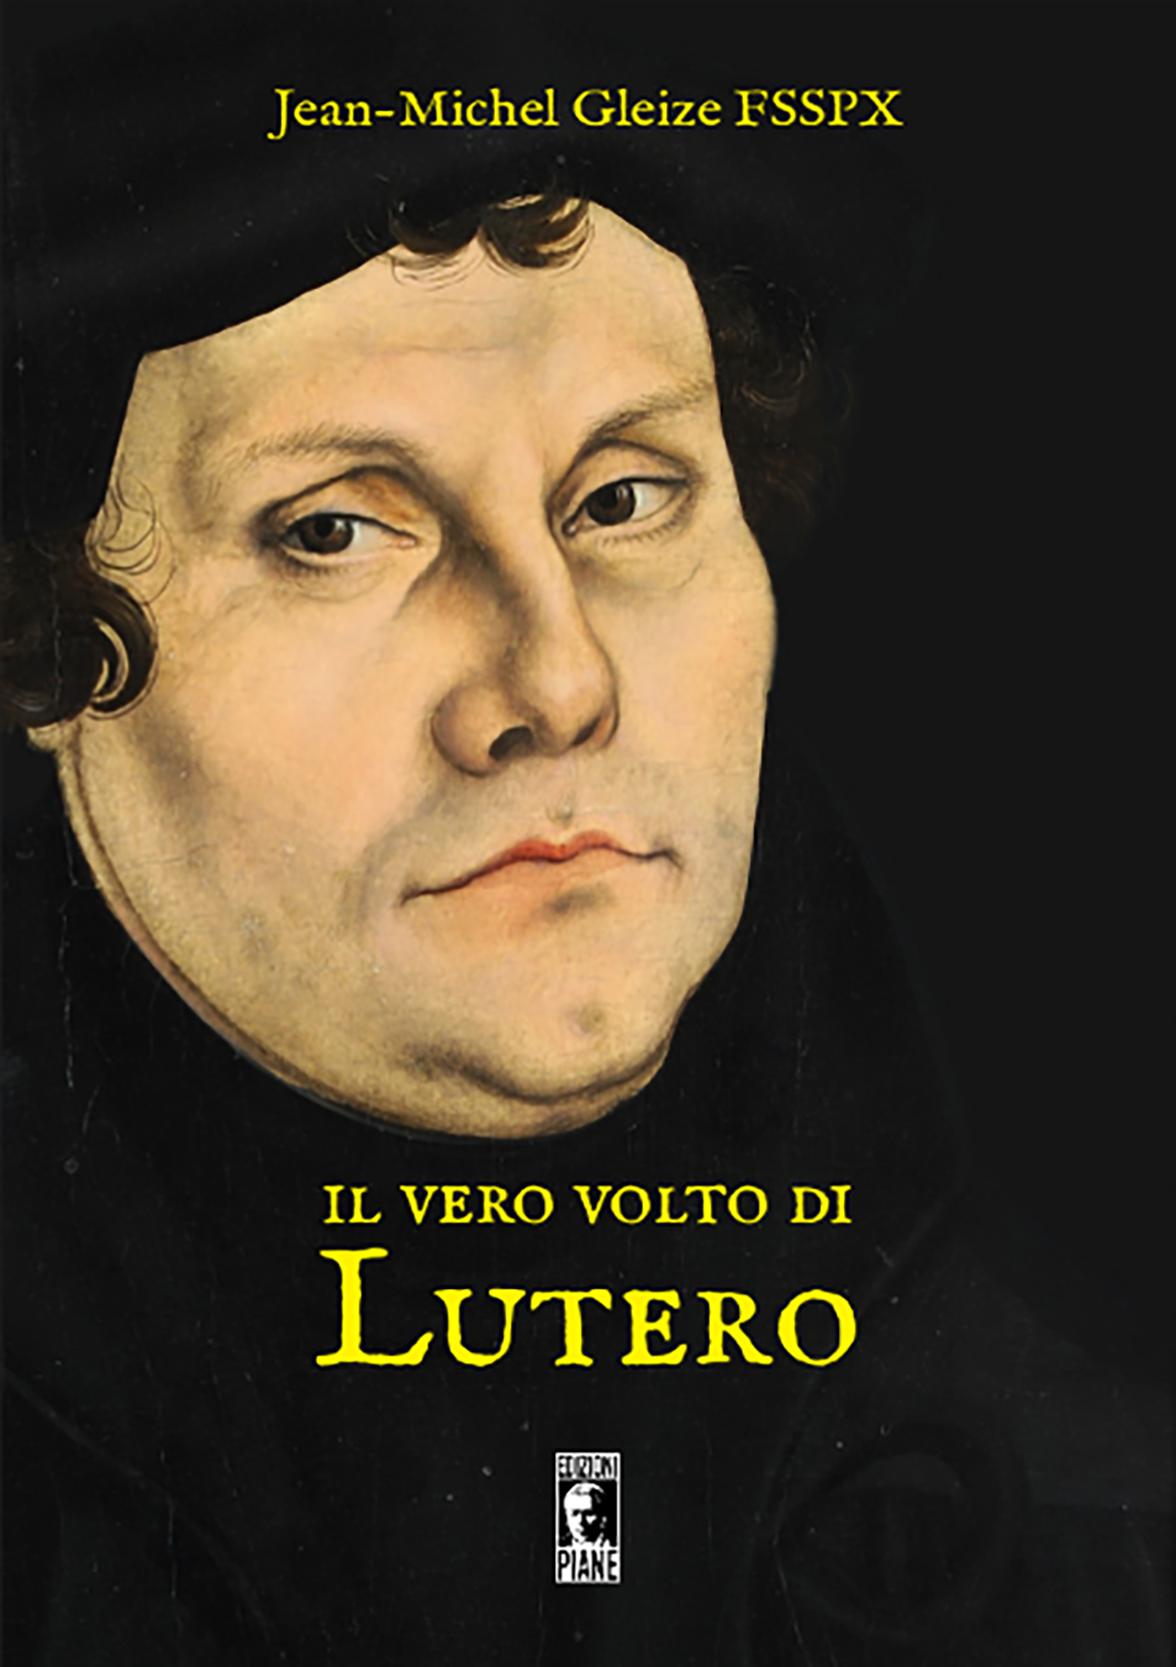 Il vero volto di Lutero